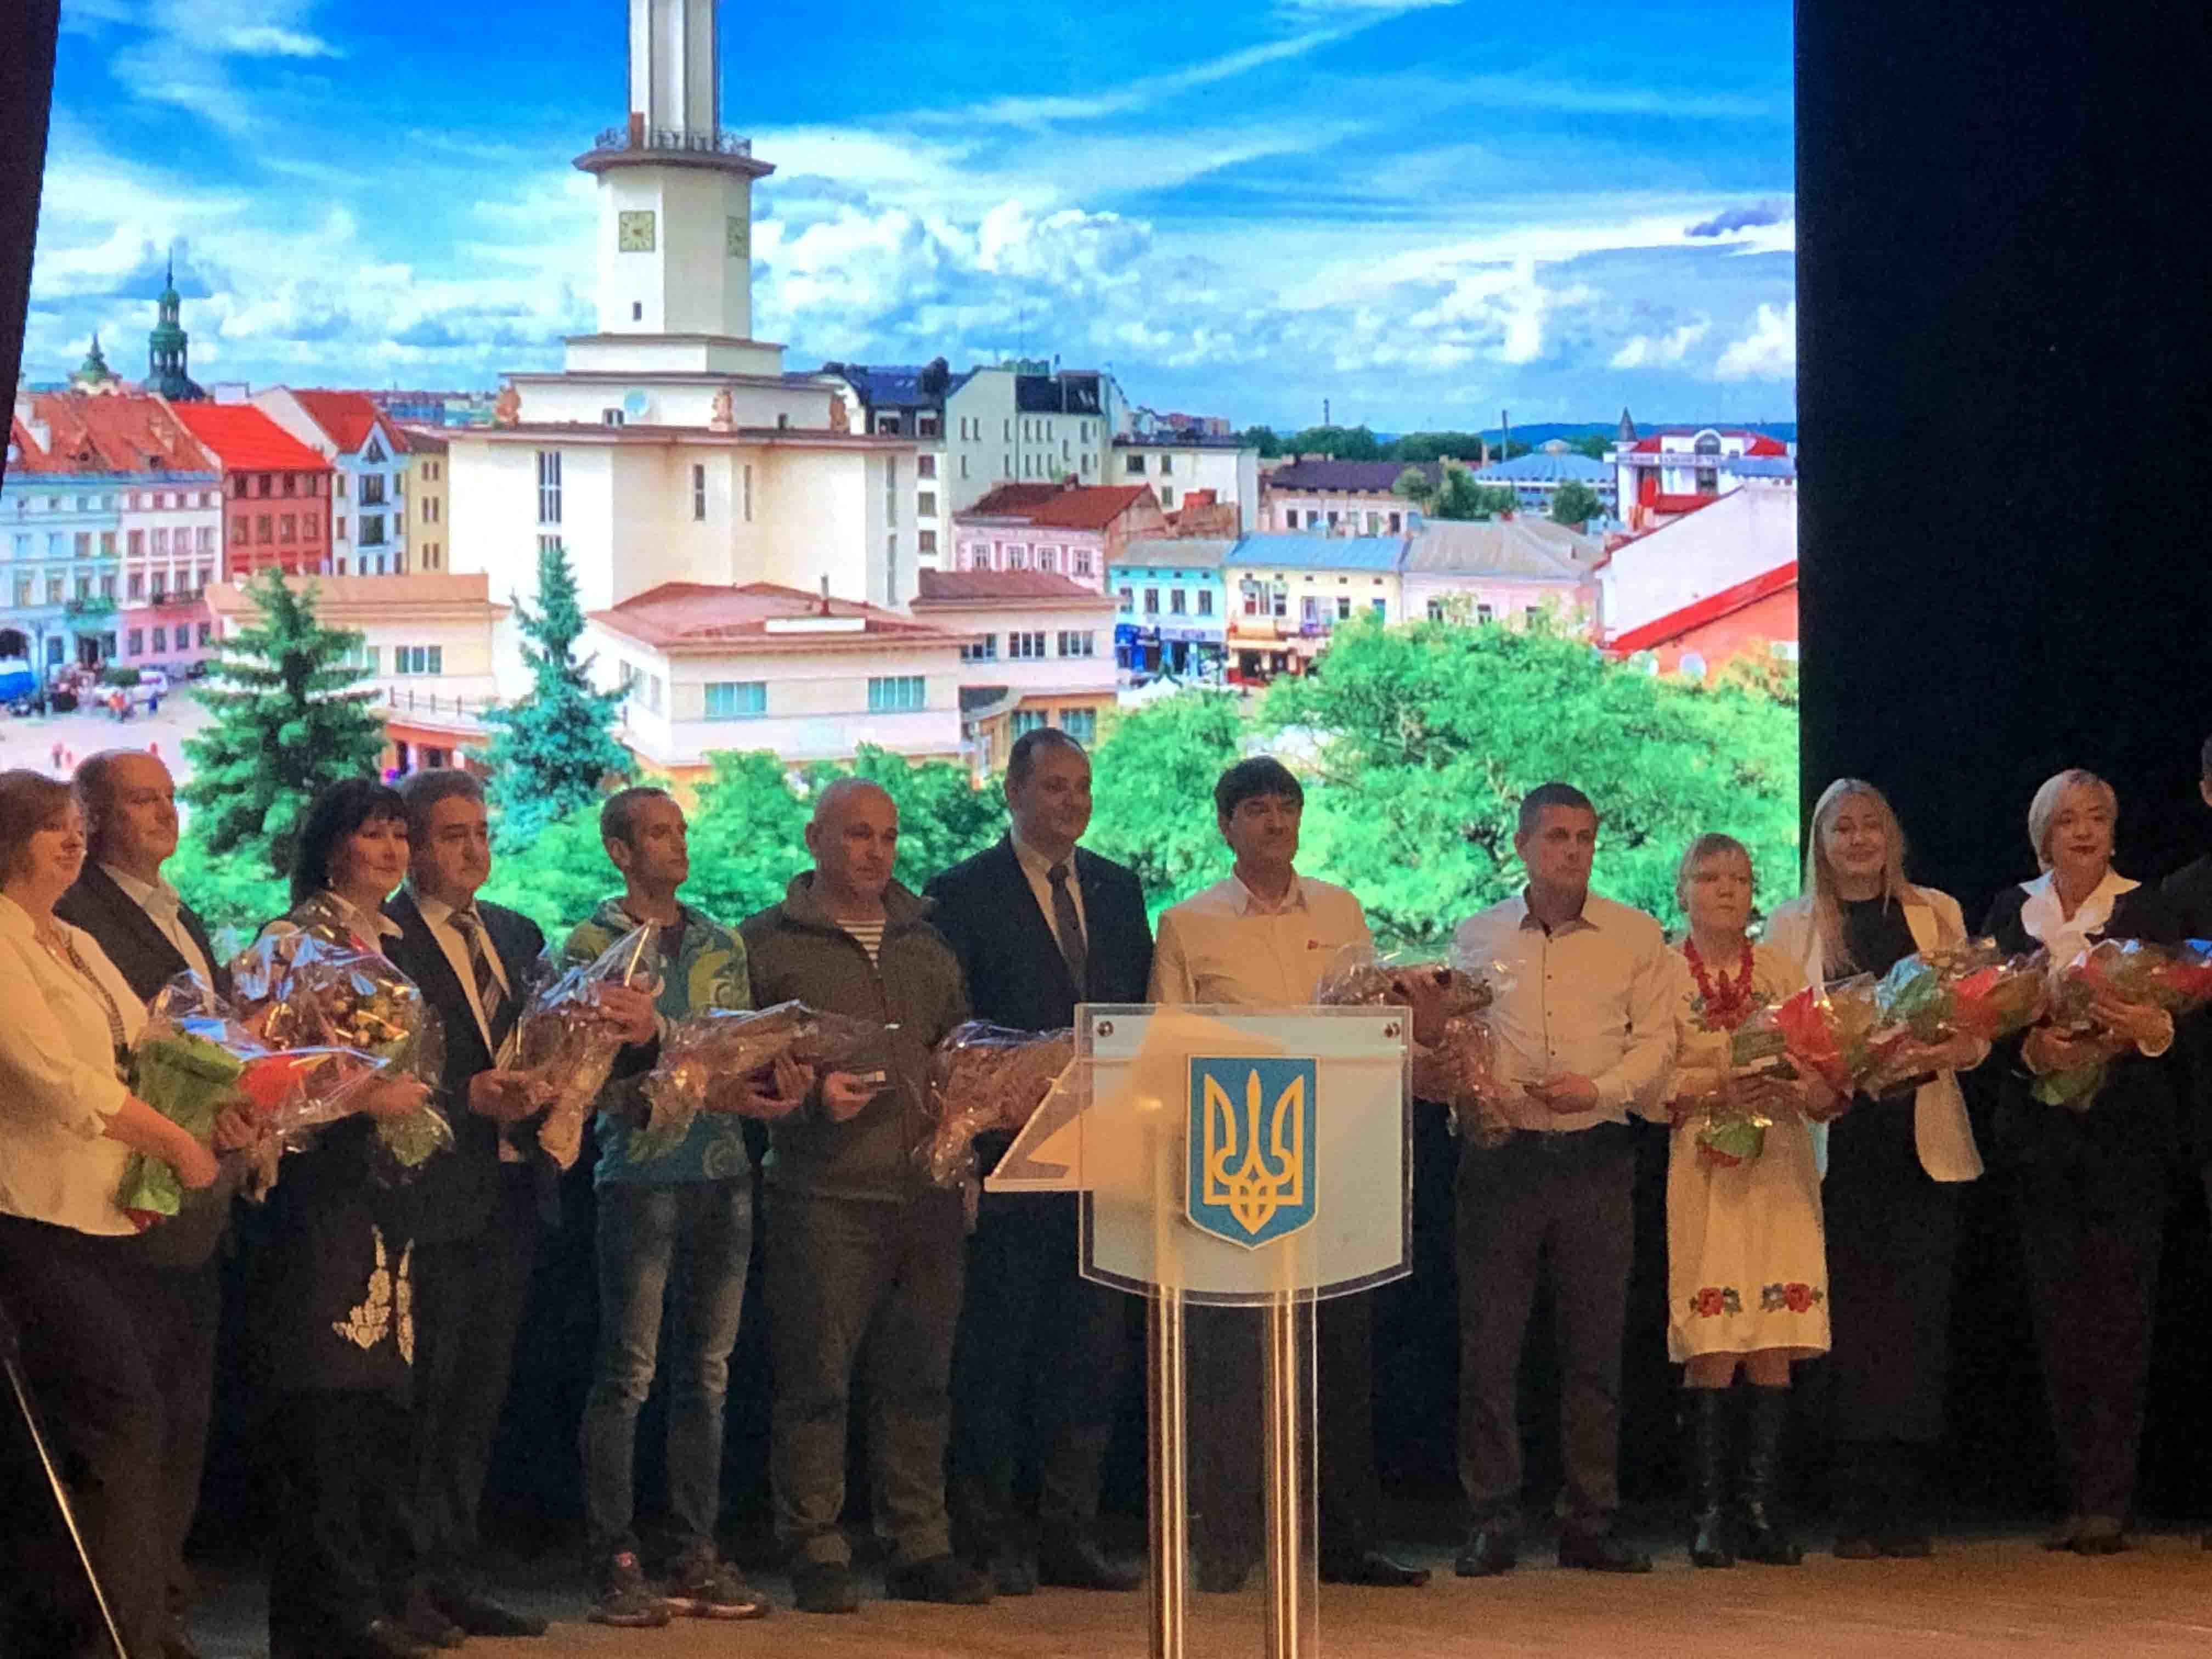 Людей року відзначили в Івано-Франківську (ФОТО)